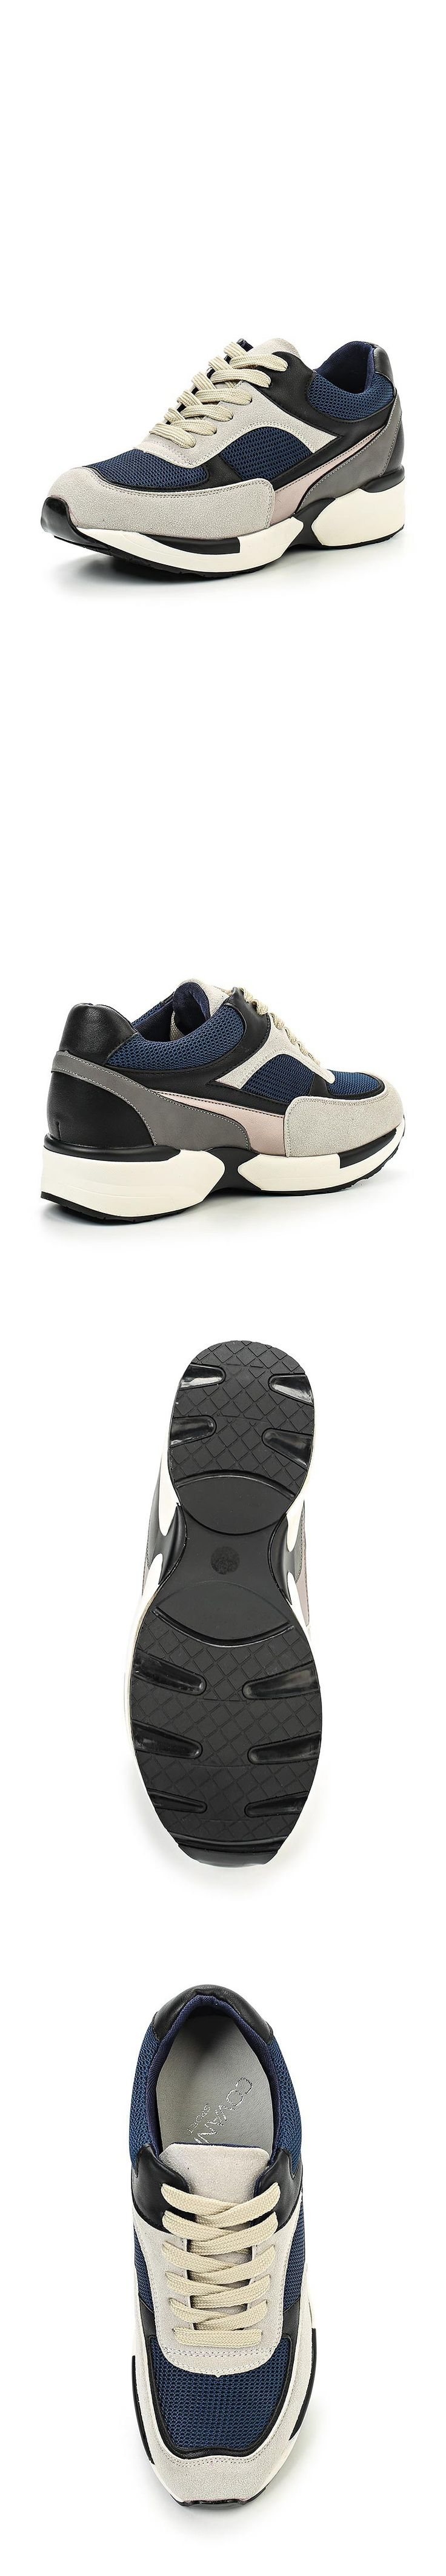 Женская обувь кроссовки Covani за 4199.00 руб.